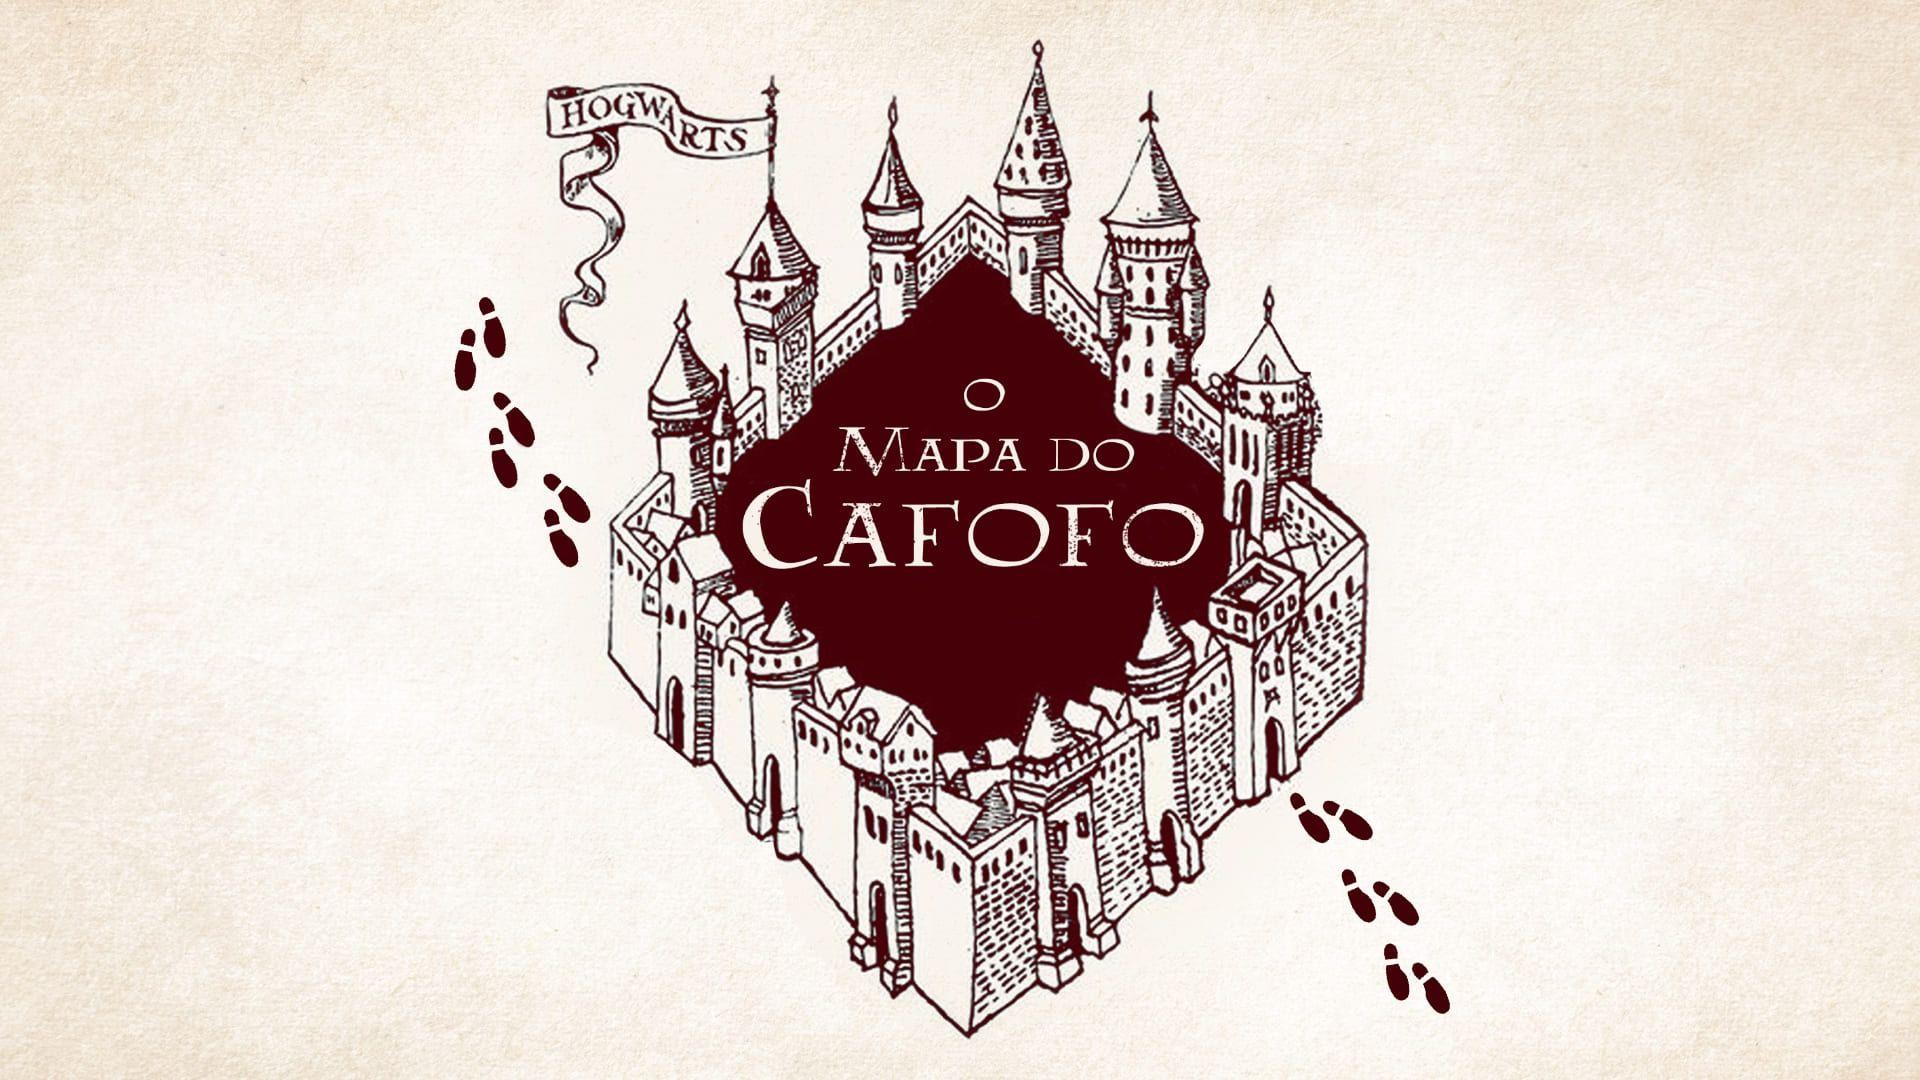 Mapa do Cafofo: um guia de decoração do quarto Harry Potter (Imagem: Isabel Marlasca/Zoom)